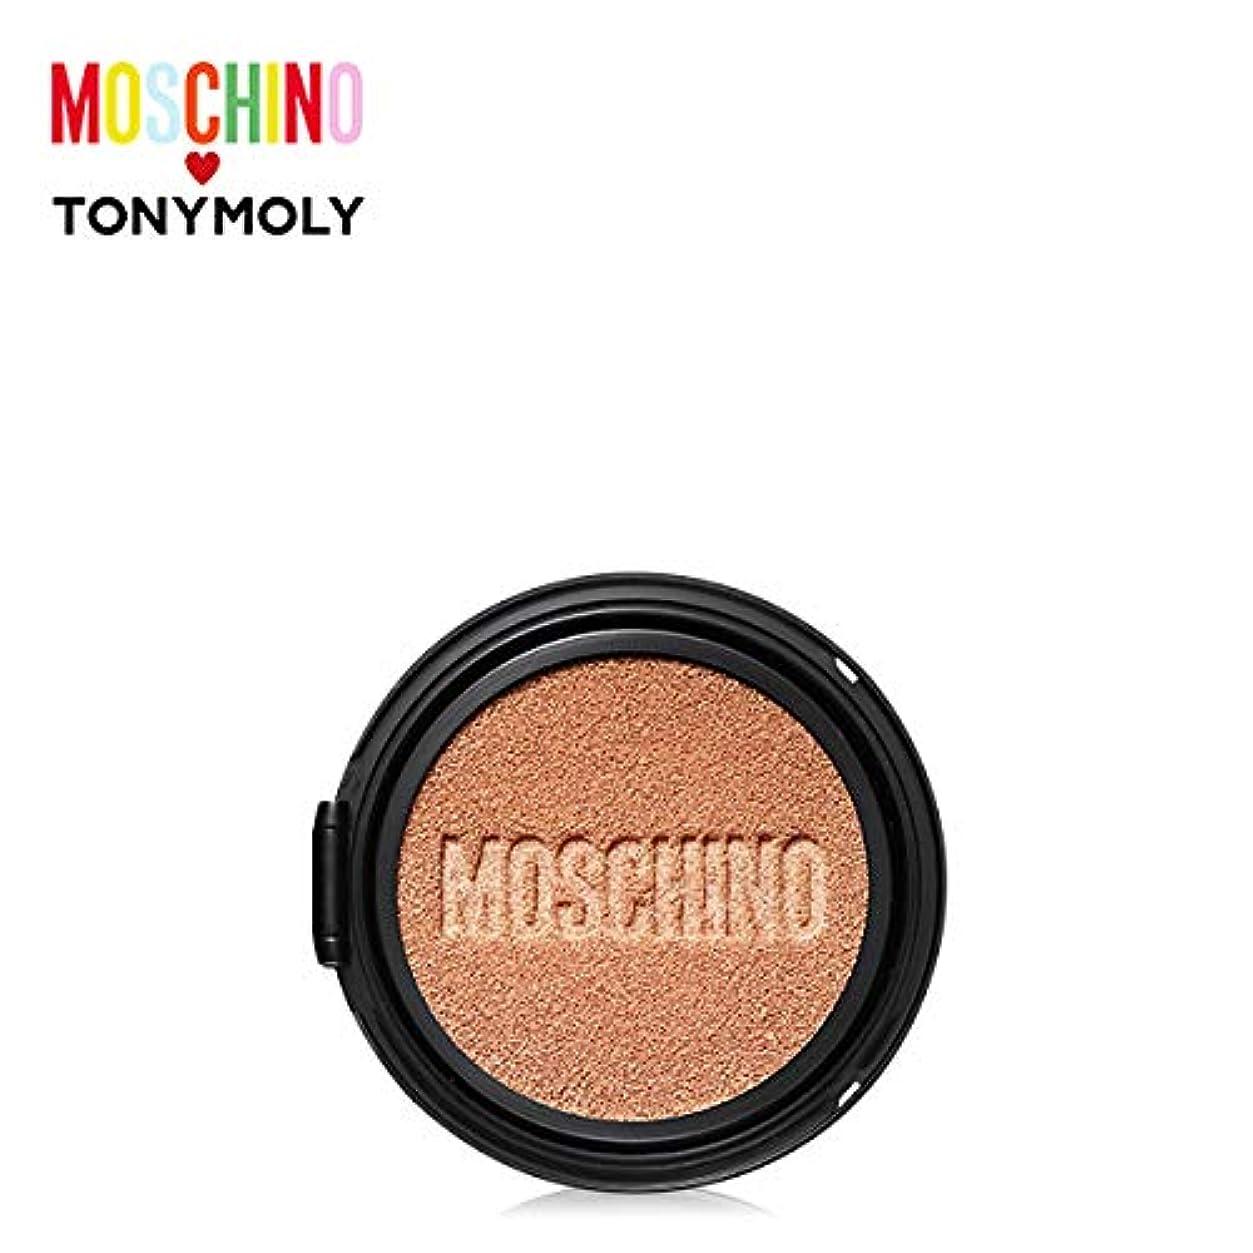 アサーばかげたサーカスTONYMOLY [MOSCHINO Edition] Gold Edition Chic Skin Cushion -Refill #01 CHIC VANILLA トニーモリー [モスキーノ] ゴールドエディション...